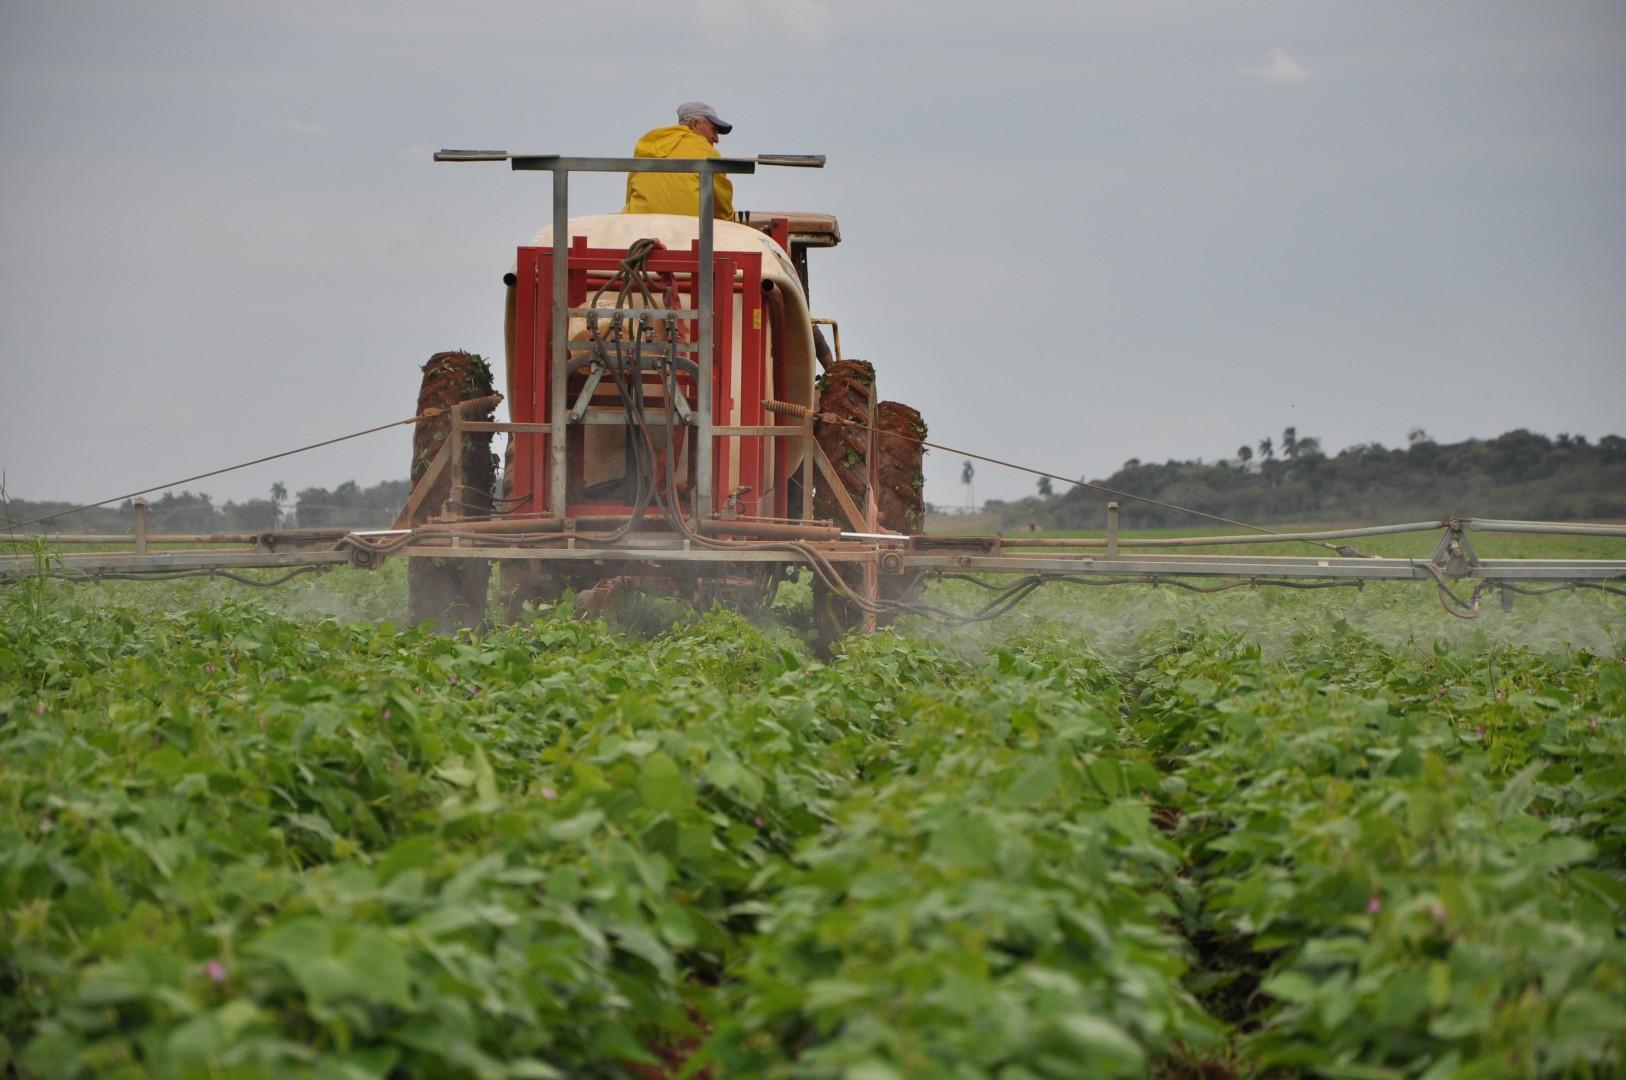 En Batey Colorado el empleo de la maquinaria favorece la atención a los cultivos.